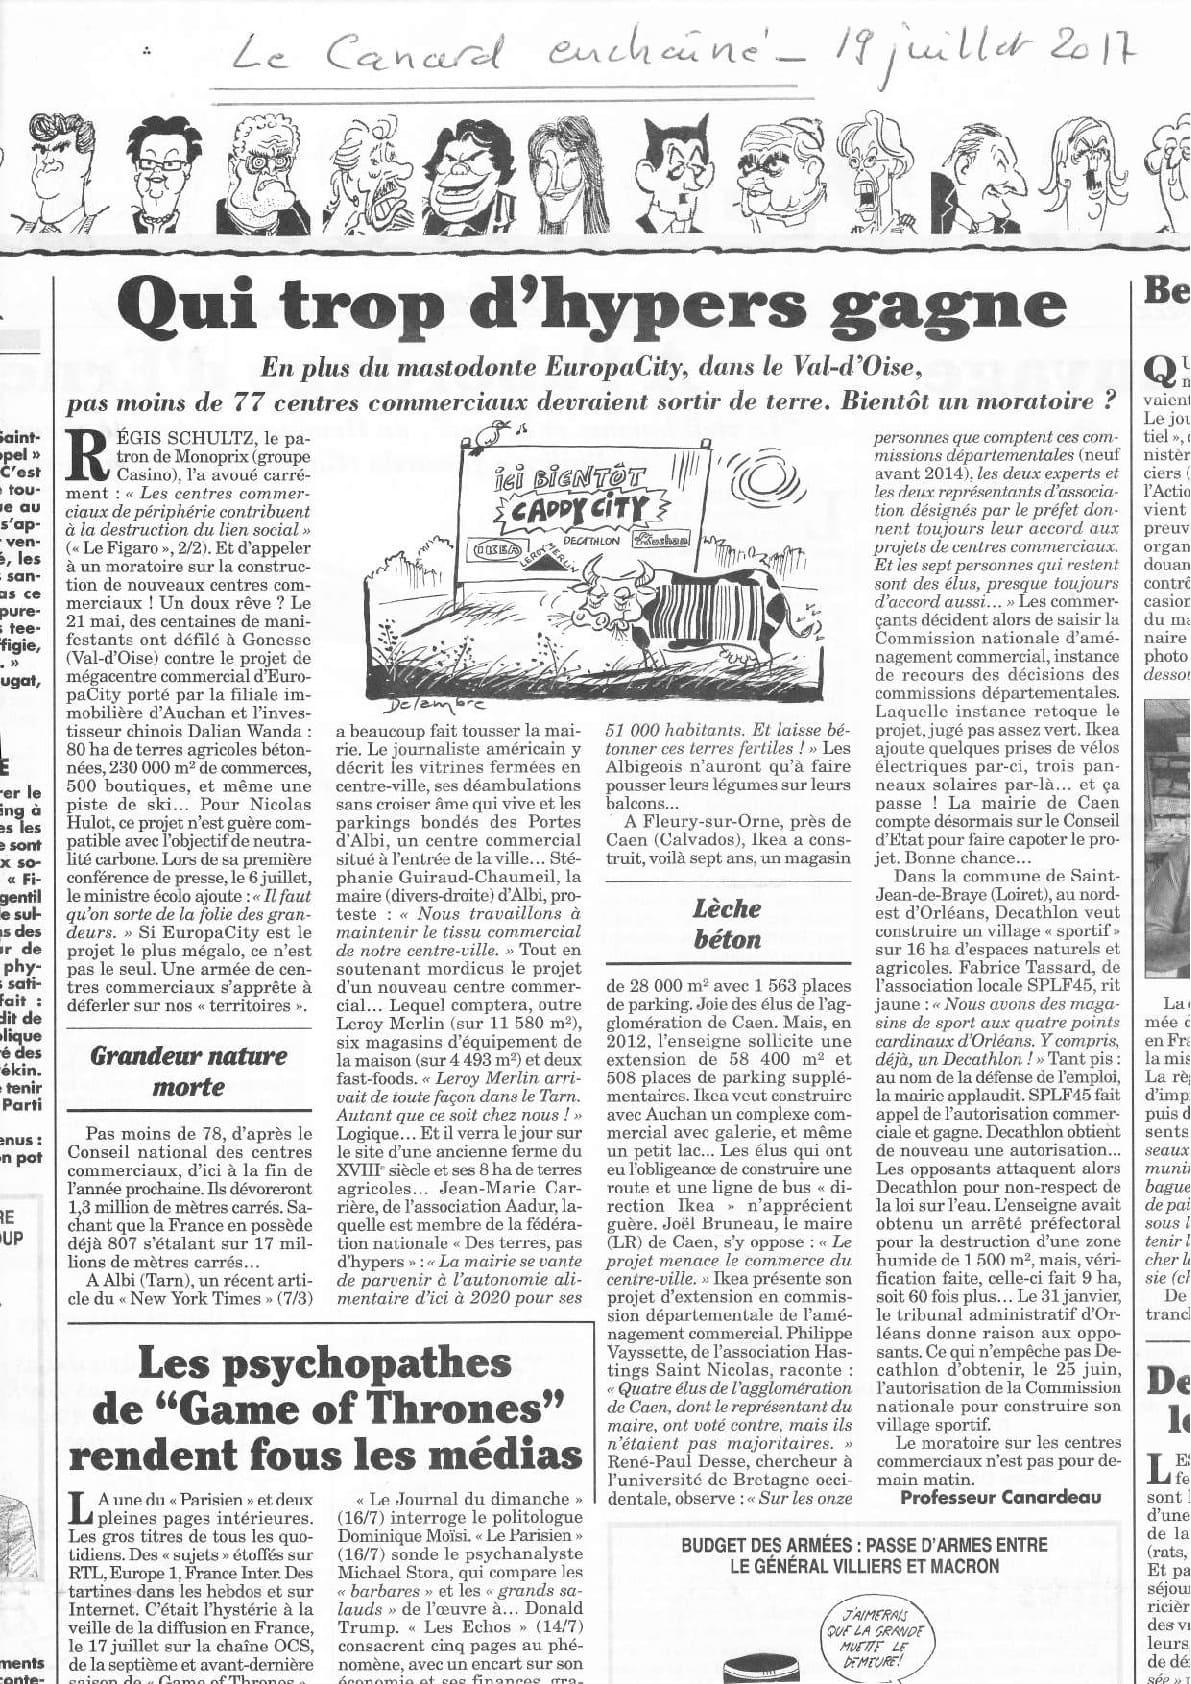 article Canard Enchainé